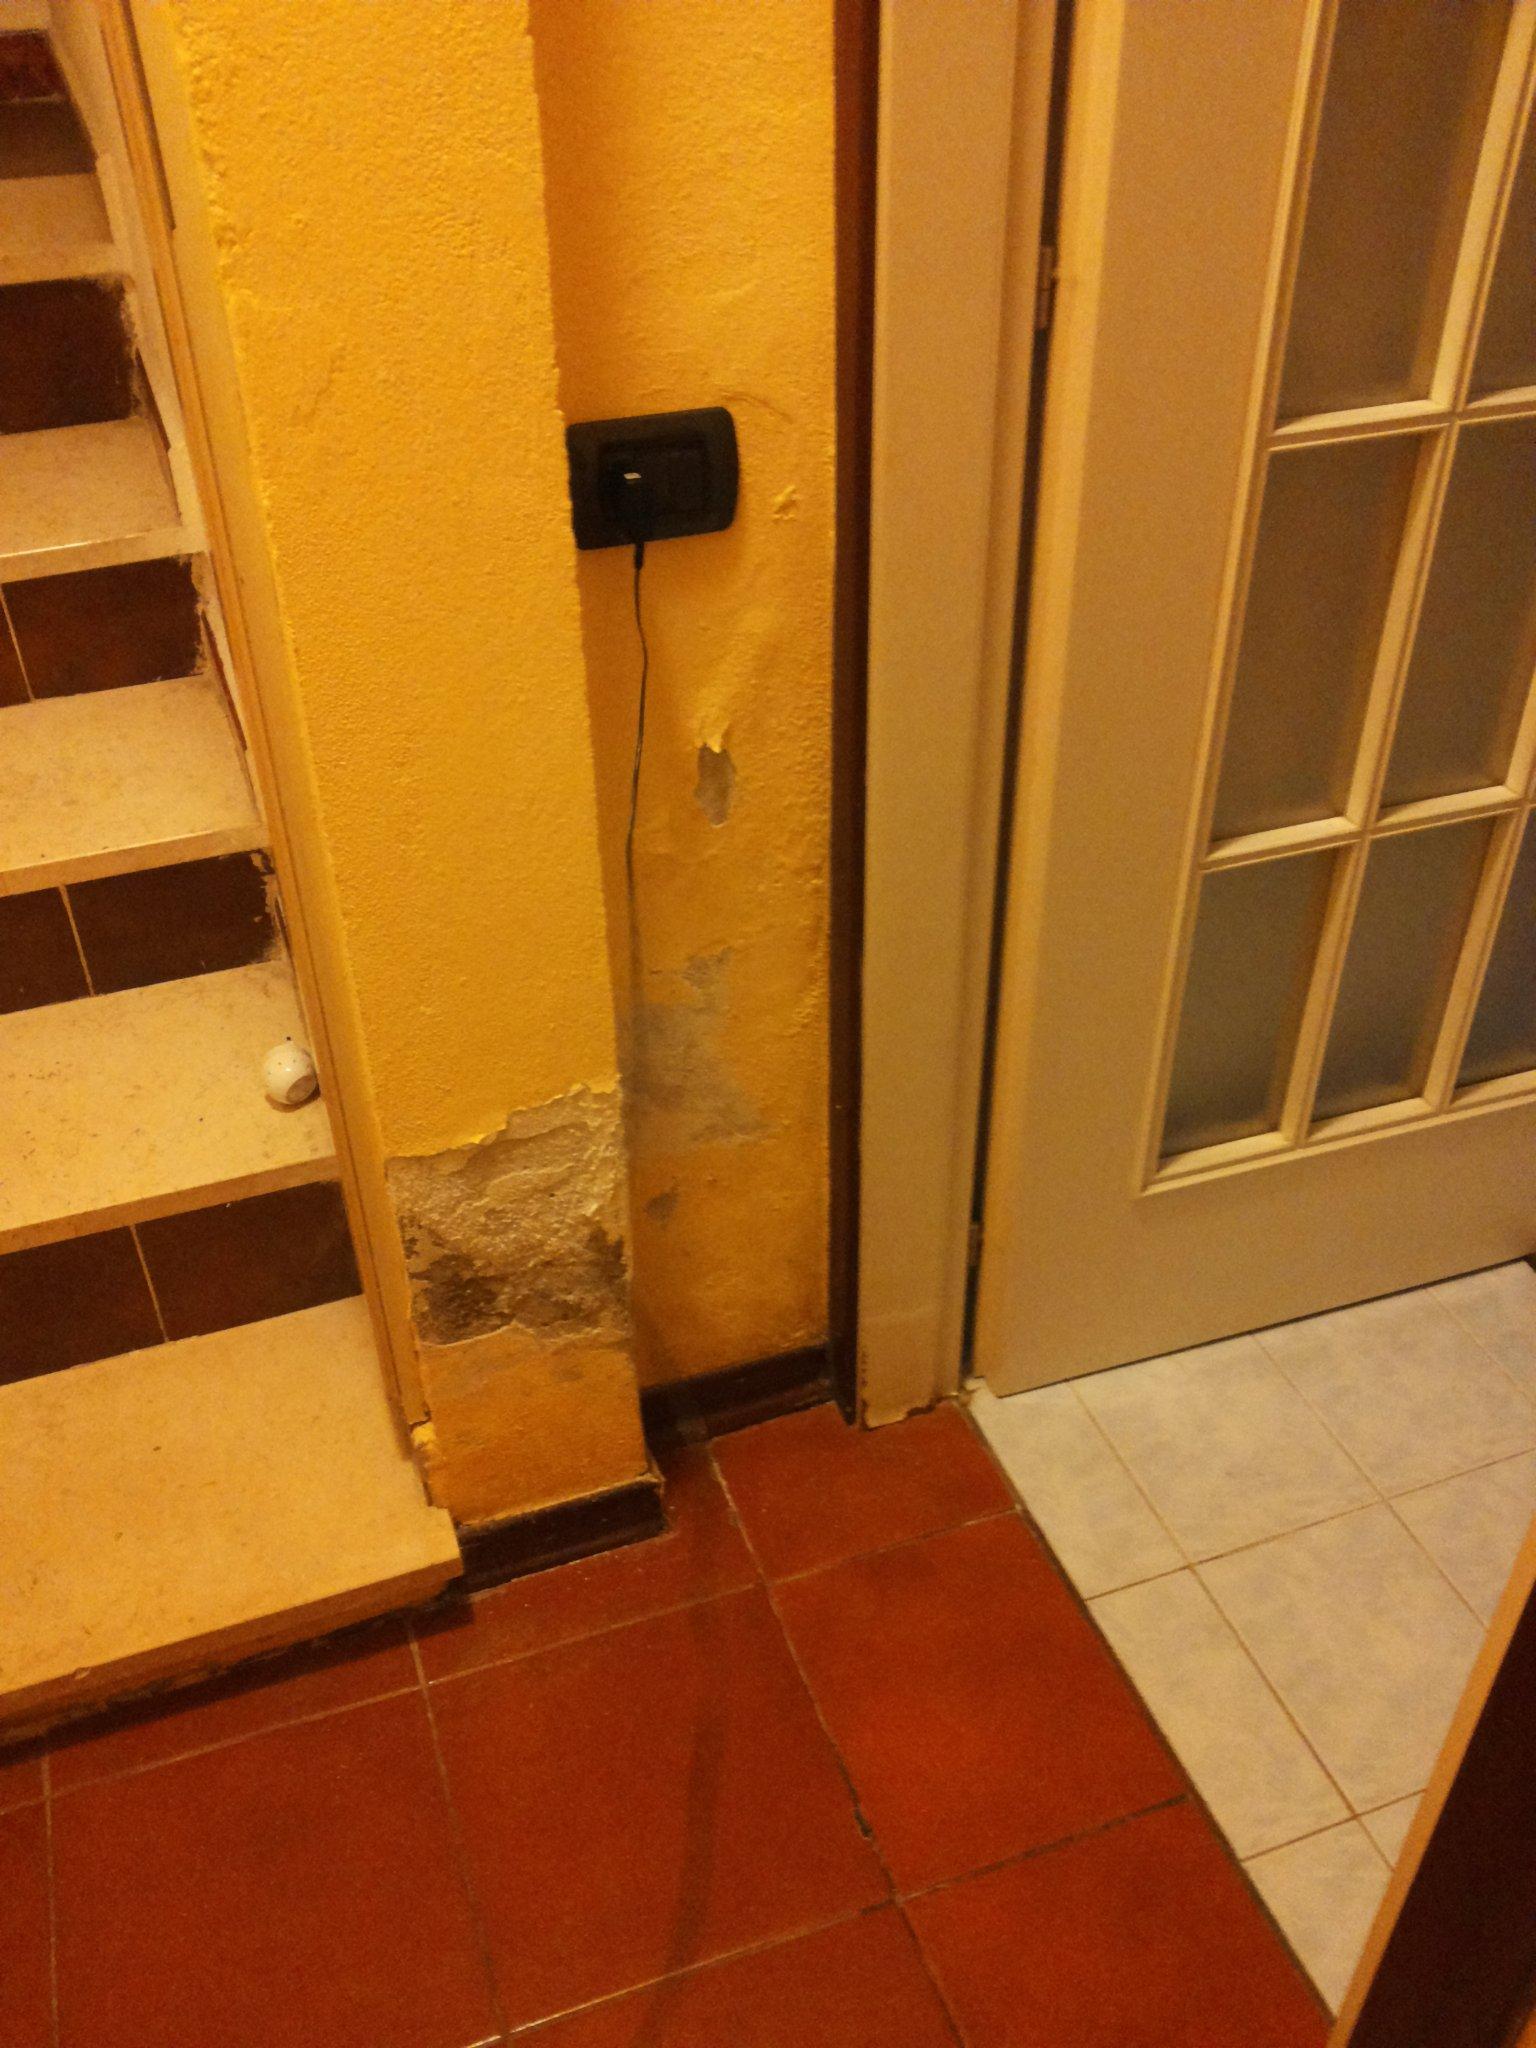 Impermeabilizzazione pareti interne pavimento instapro - Isolamenti acustici per pareti interne ...